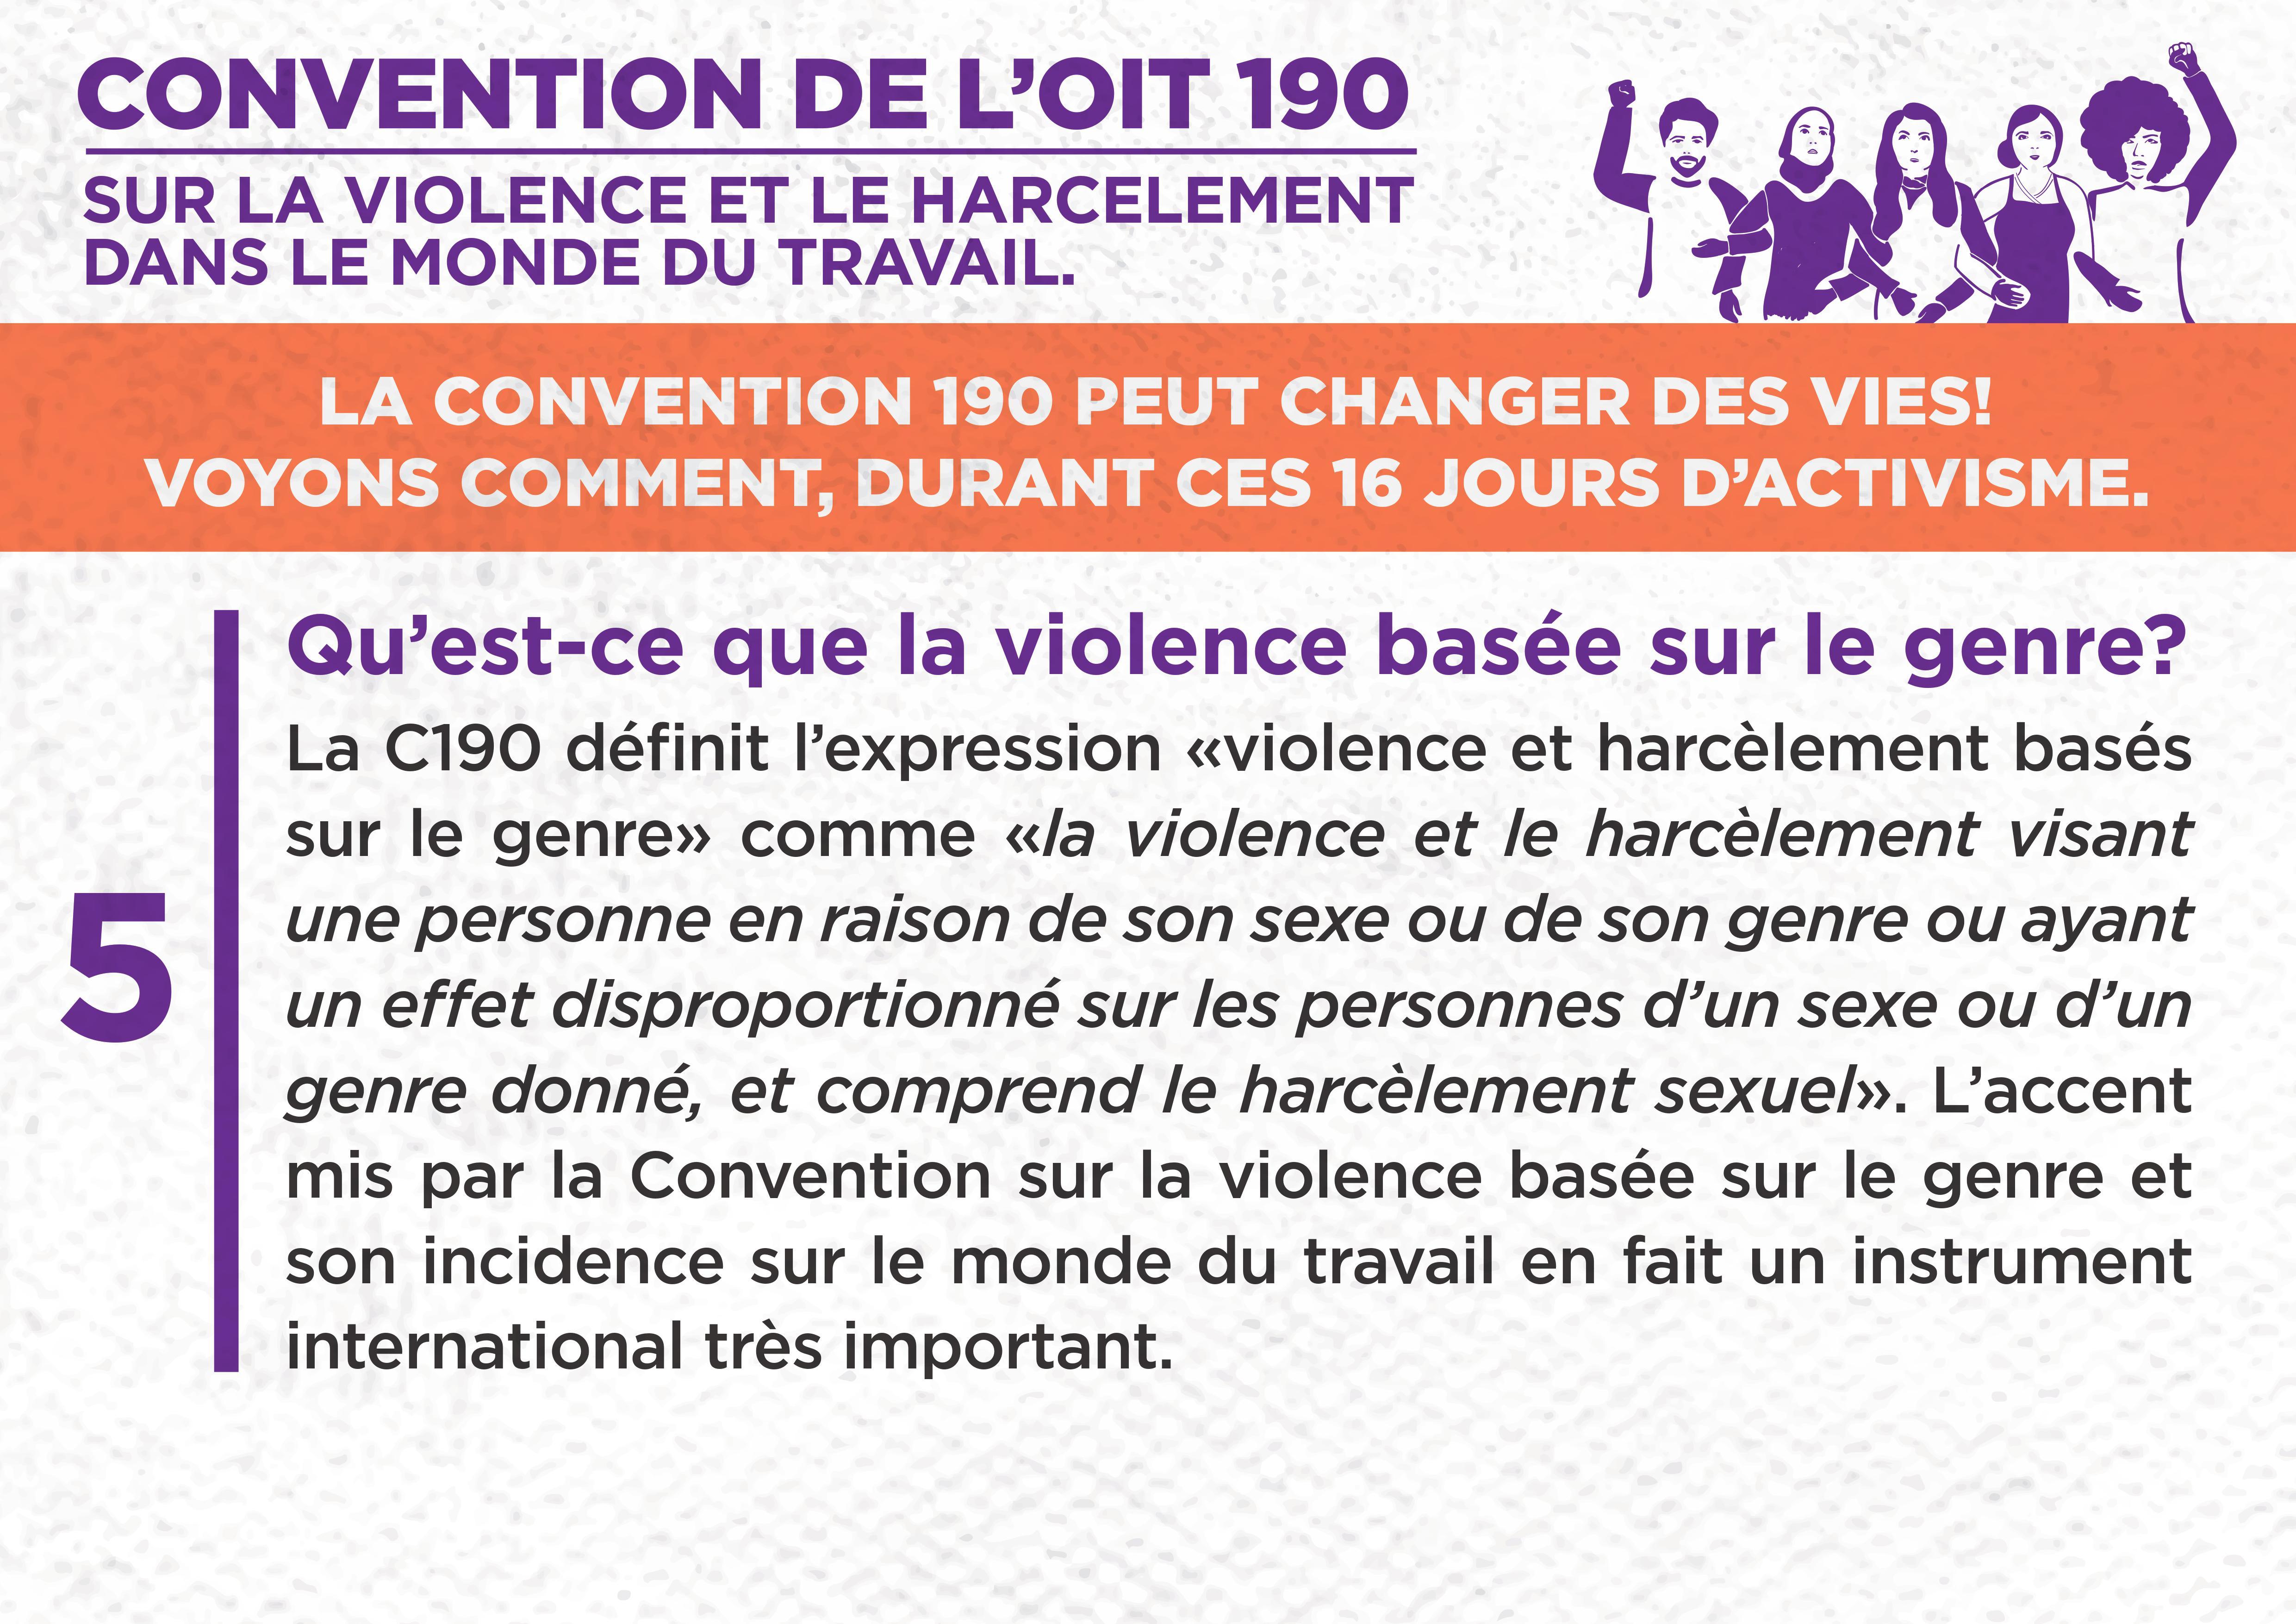 5. Qu'est-ce que la violence basée sur le genre ?